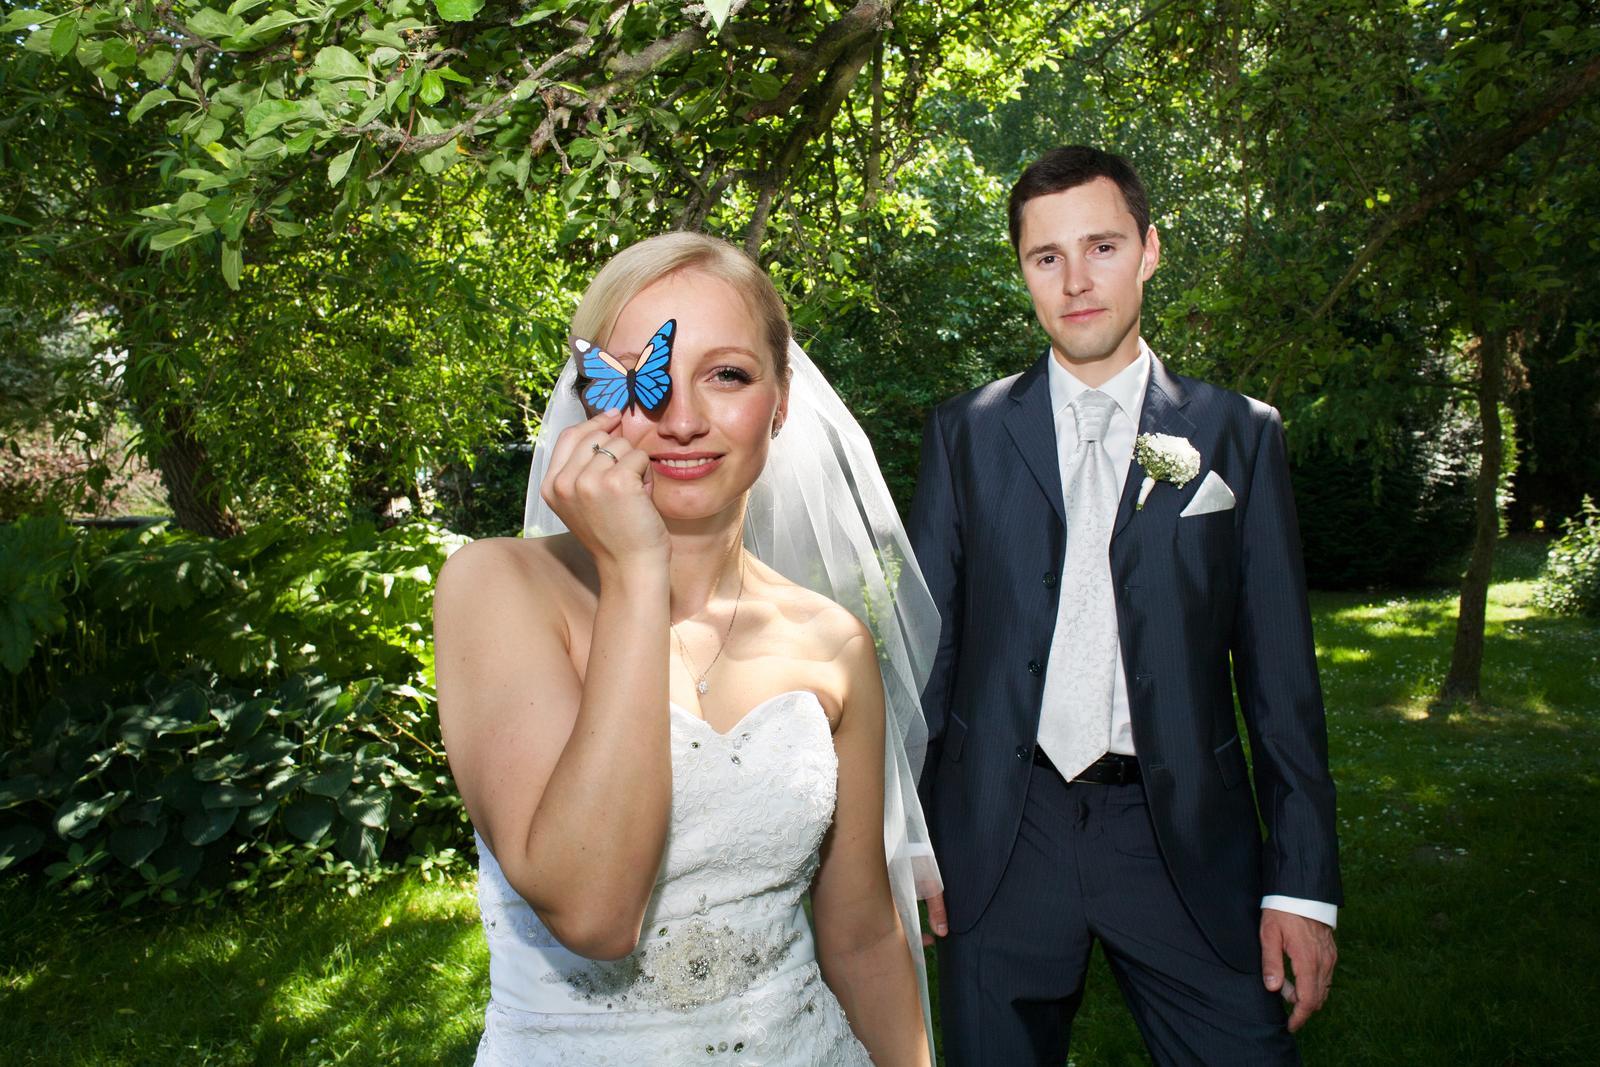 huwik - Občas vyrábím rekvizity speciálně pro danou svatbu. Zde jeden takový příklad, jak moje rekvizity vypadají a jak je pro fotky používám.